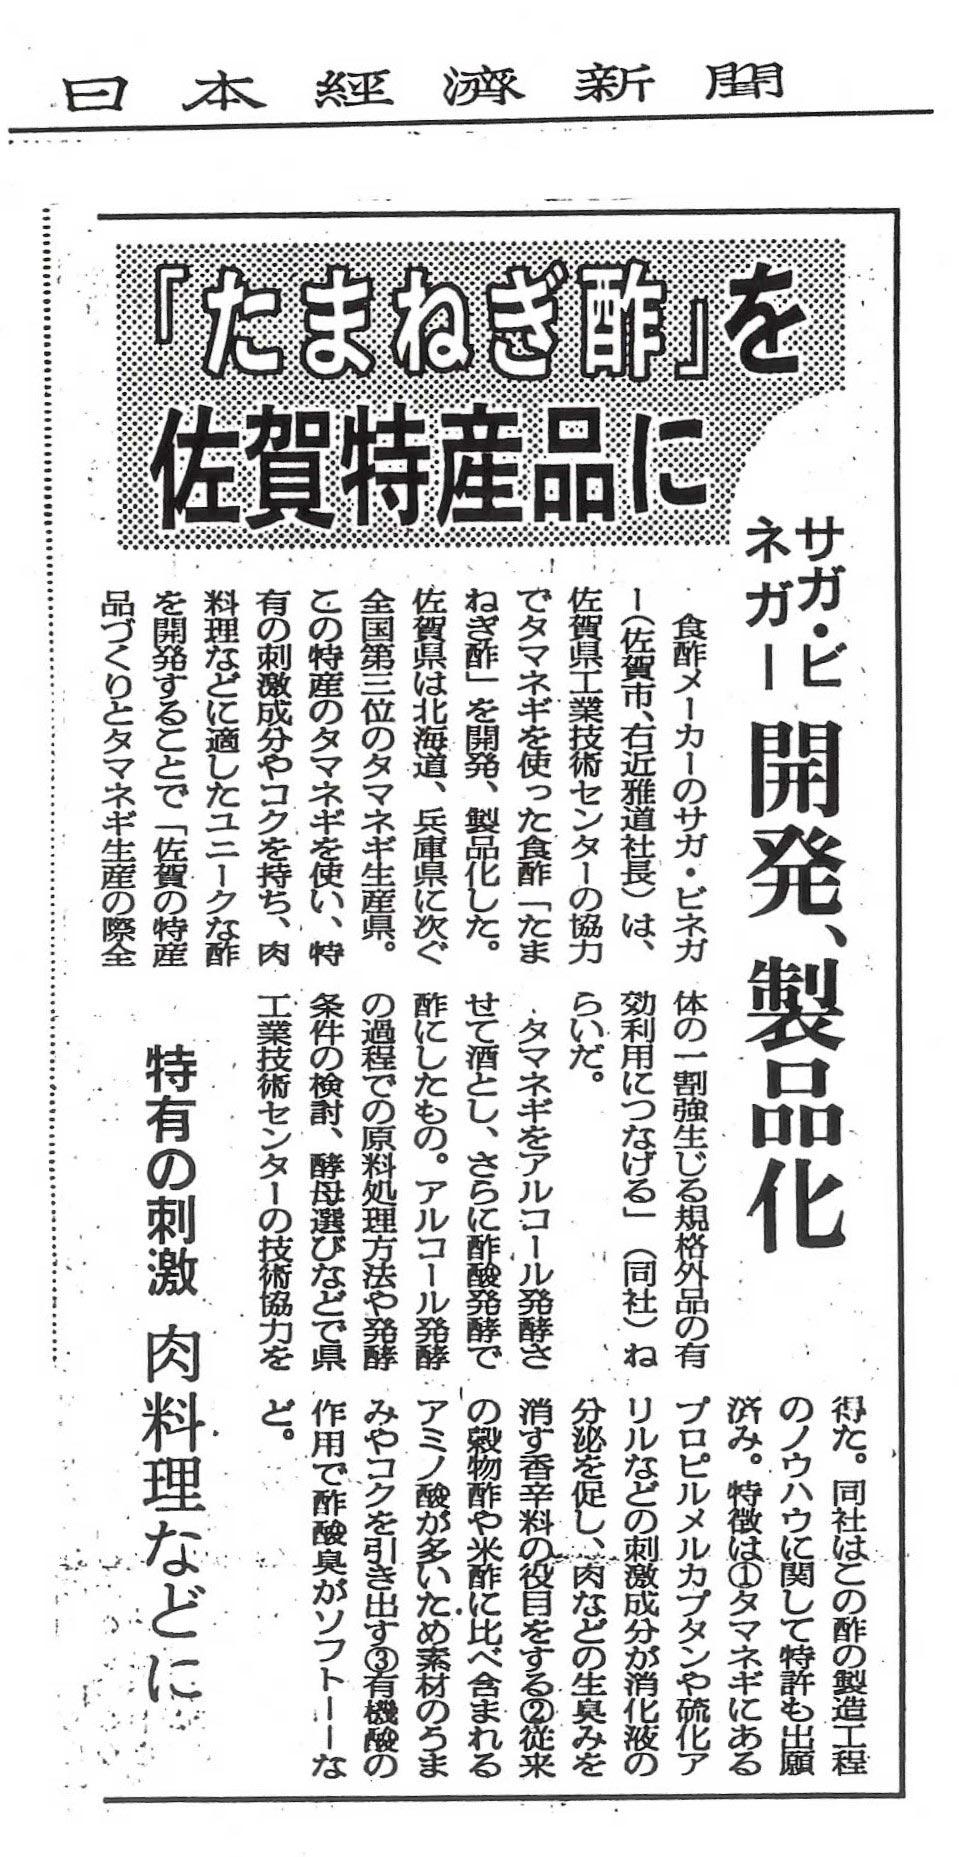 新聞掲載 1993年(平成5年)1月21日 日本経済新聞 「たまねぎ酢を佐賀特産品に」